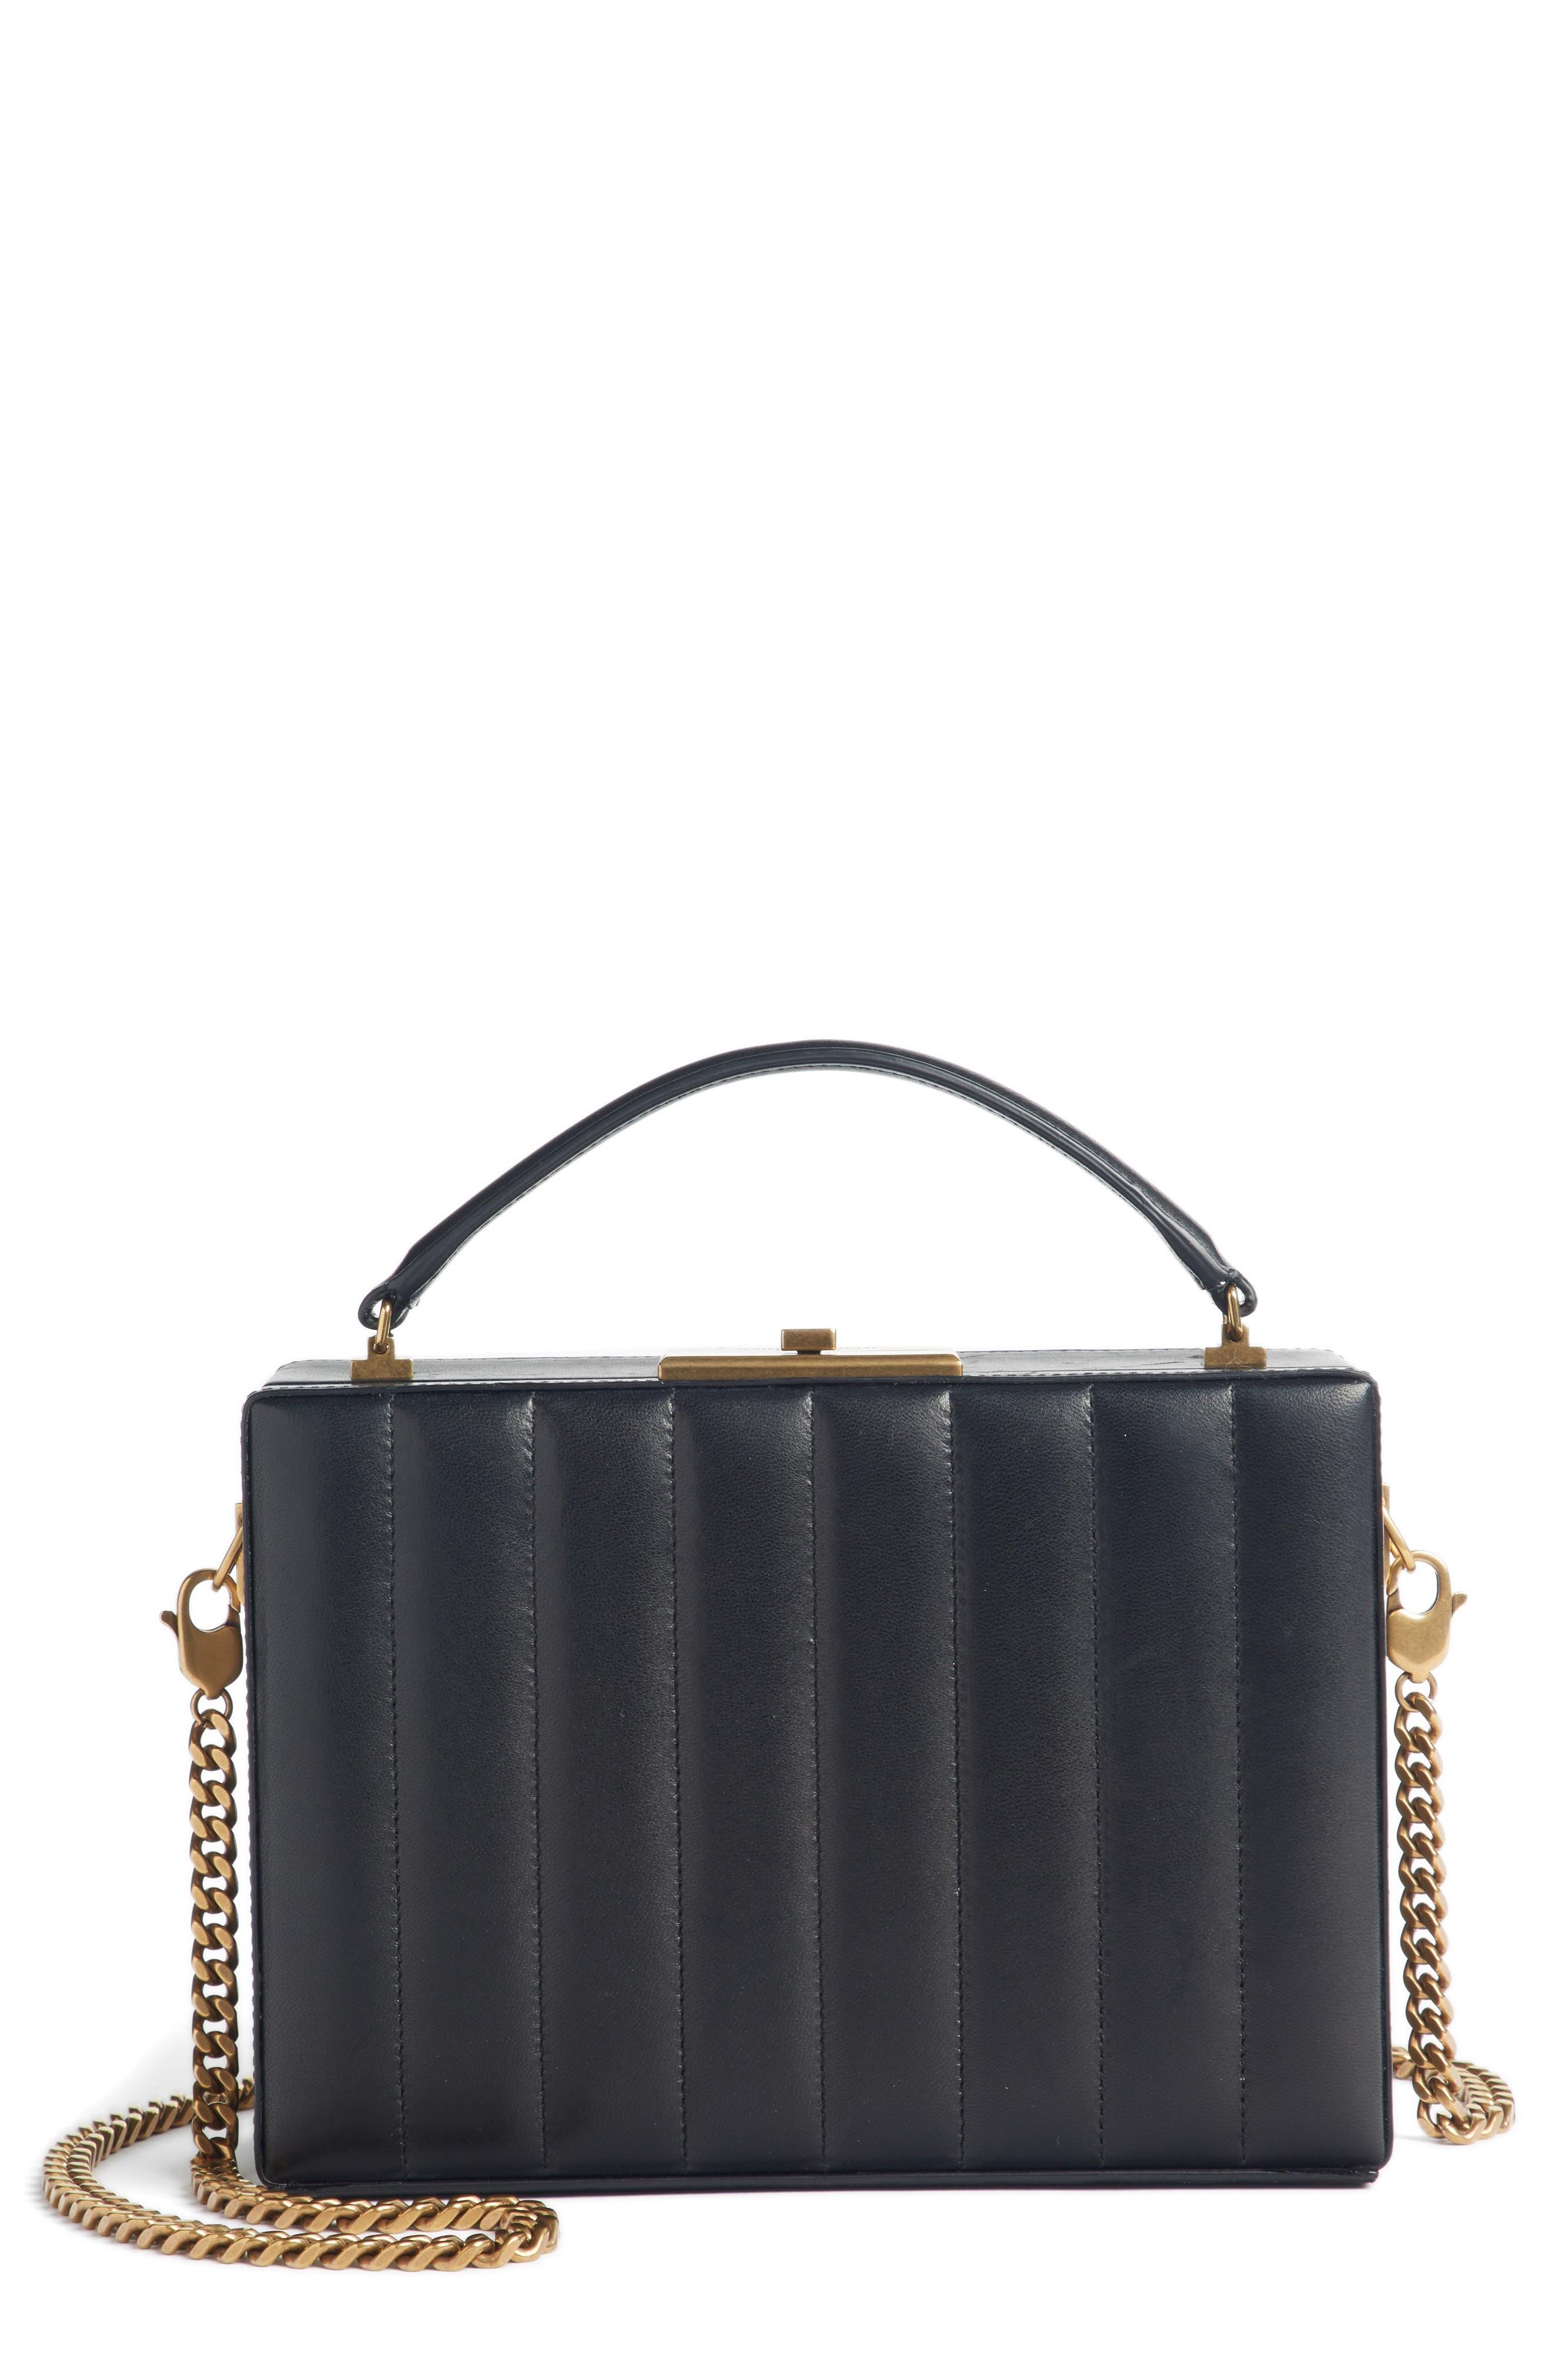 Nan Quilted Leather Frame Bag - Black